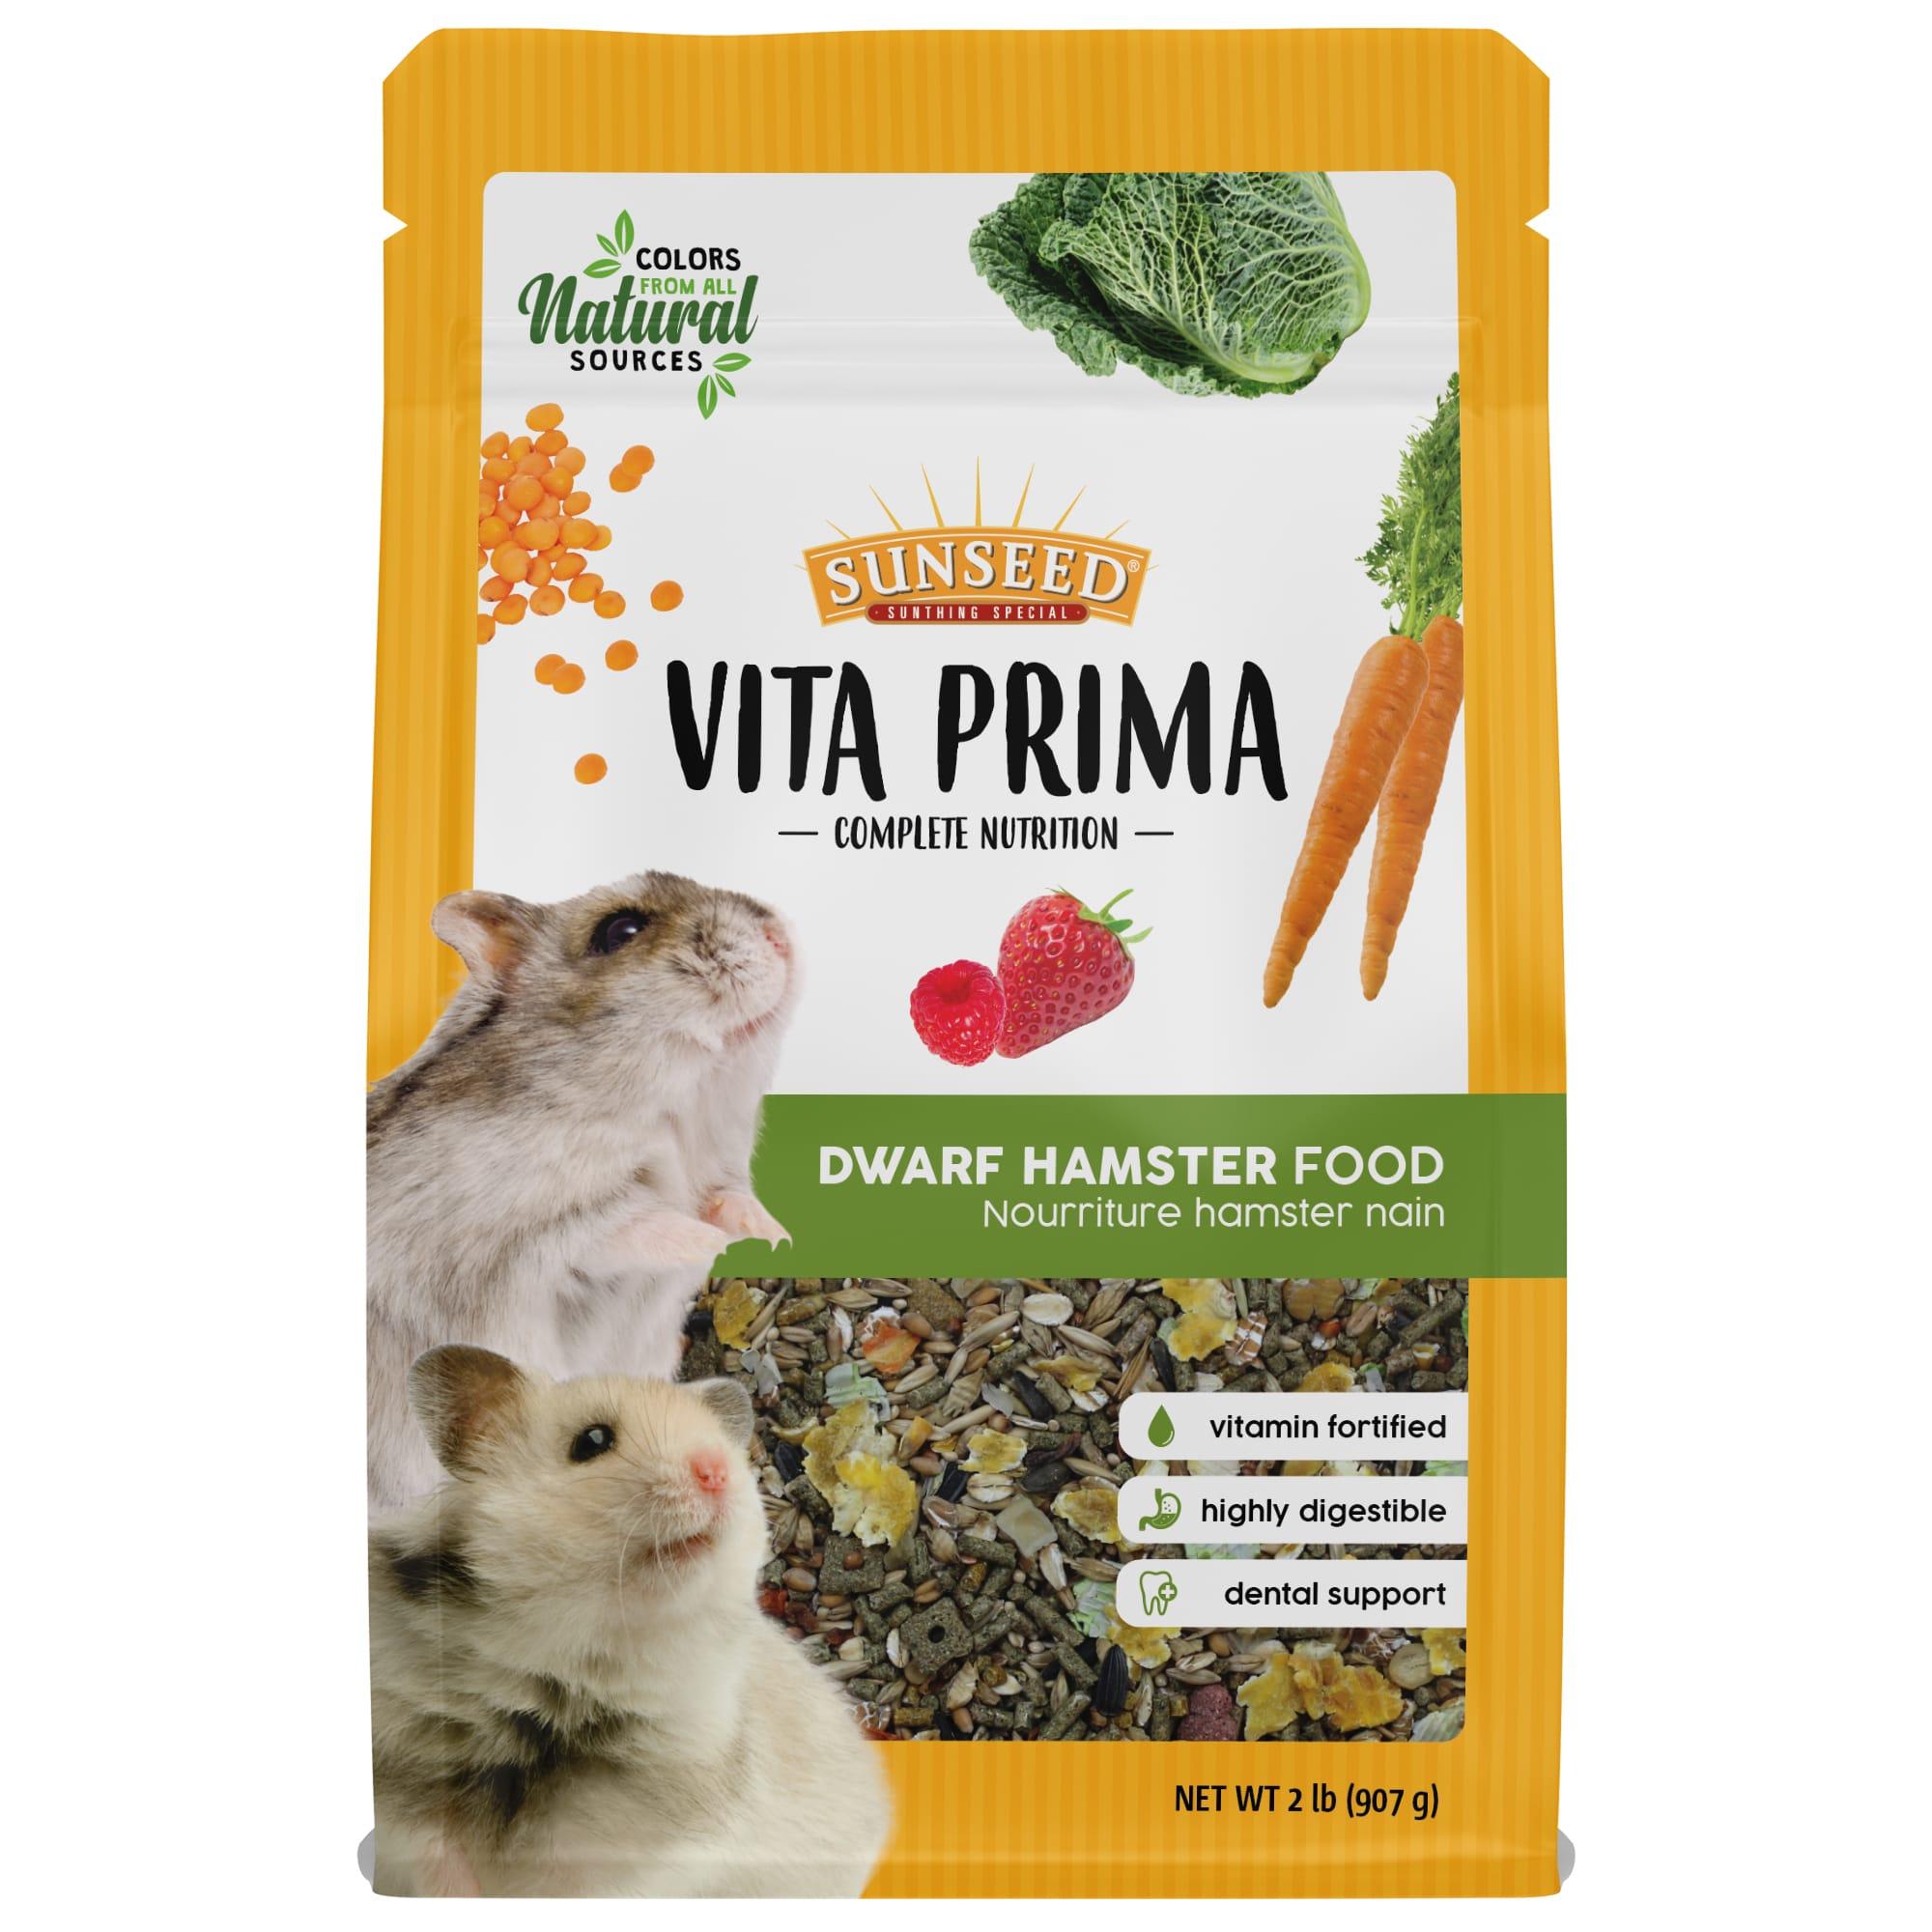 Sun Seed Vita Prima Dwarf Hamster Food 2 Lbs Petco